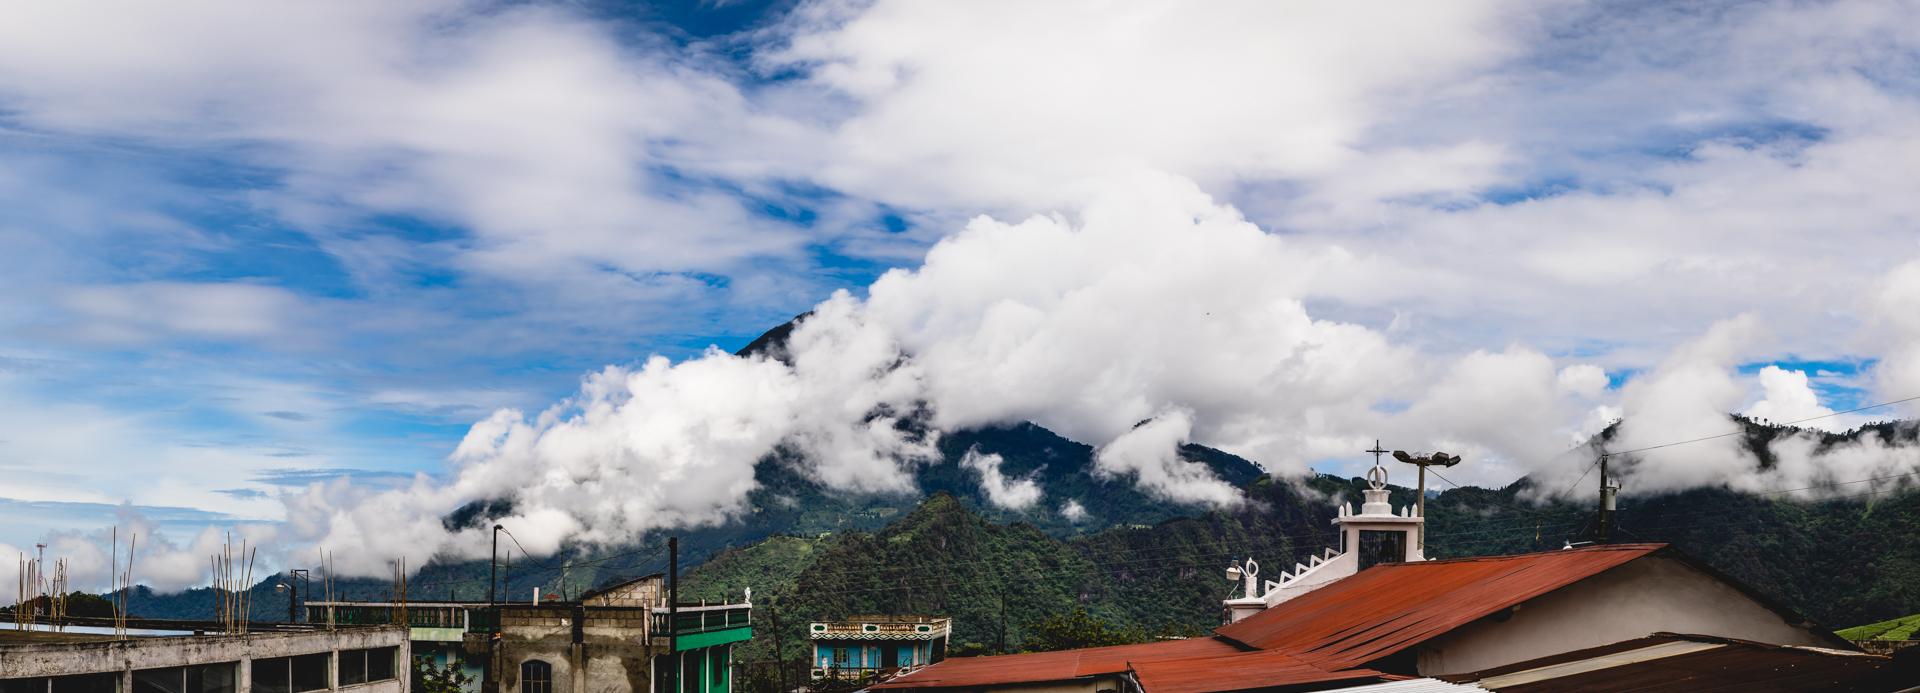 Guatemala is effortlessly beautiful.